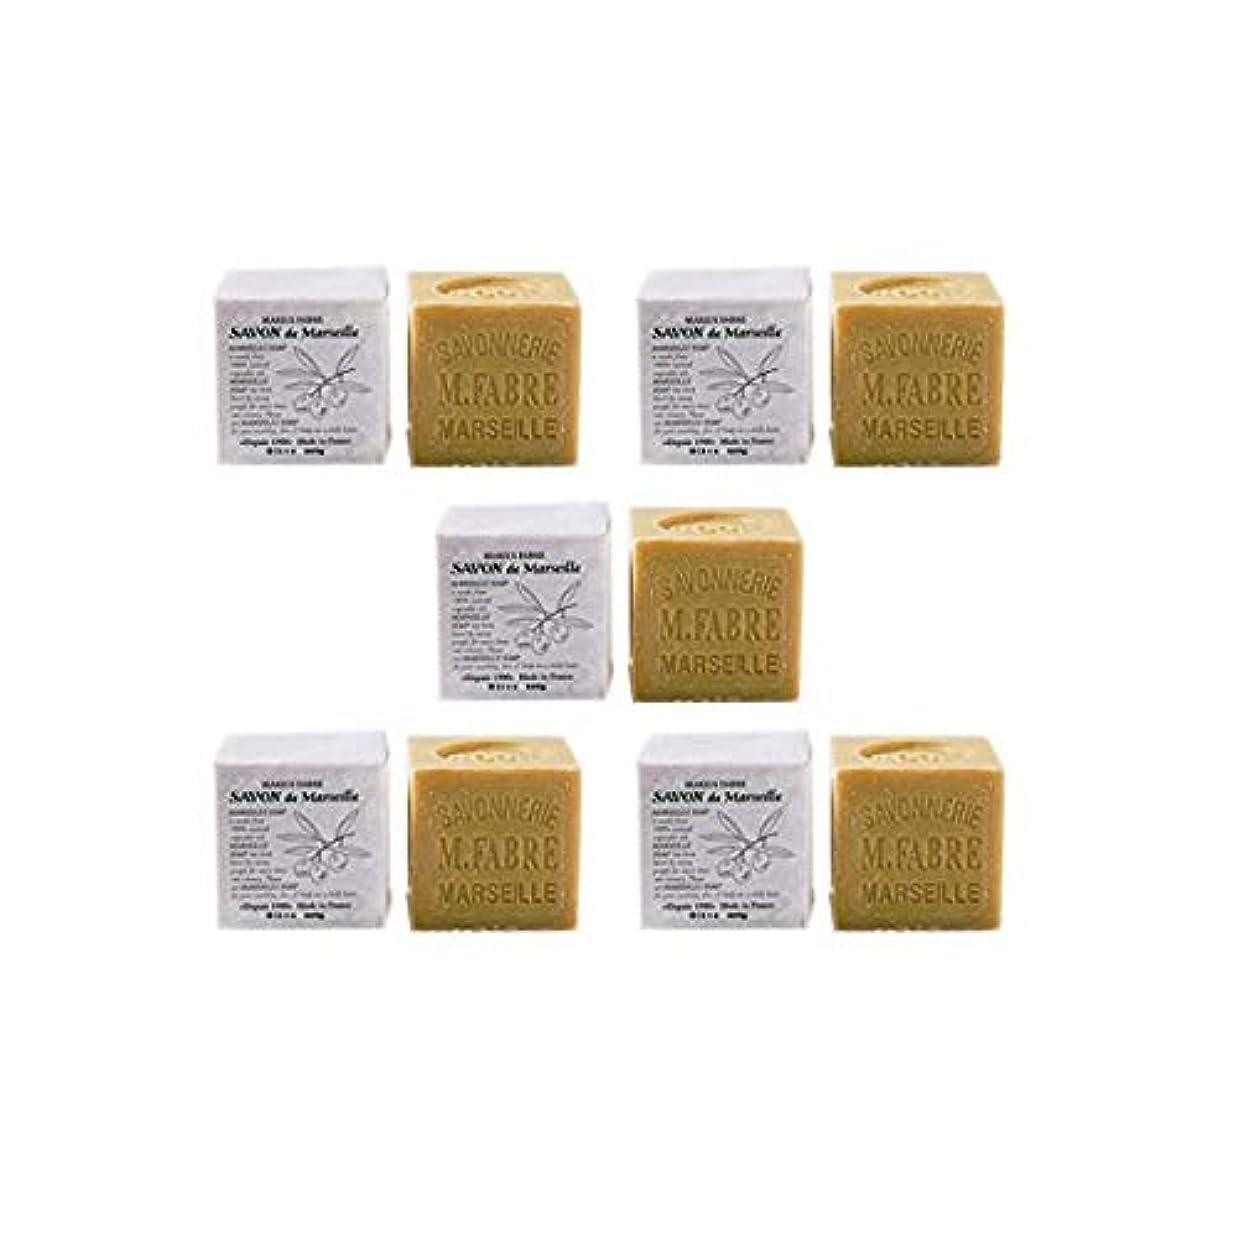 頭生物学ベンチャーマリウスファーブルジューン サボンドマルセイユ無香料200gオリーブN 5個セット(200g×5個)無添加オリーブ石鹸